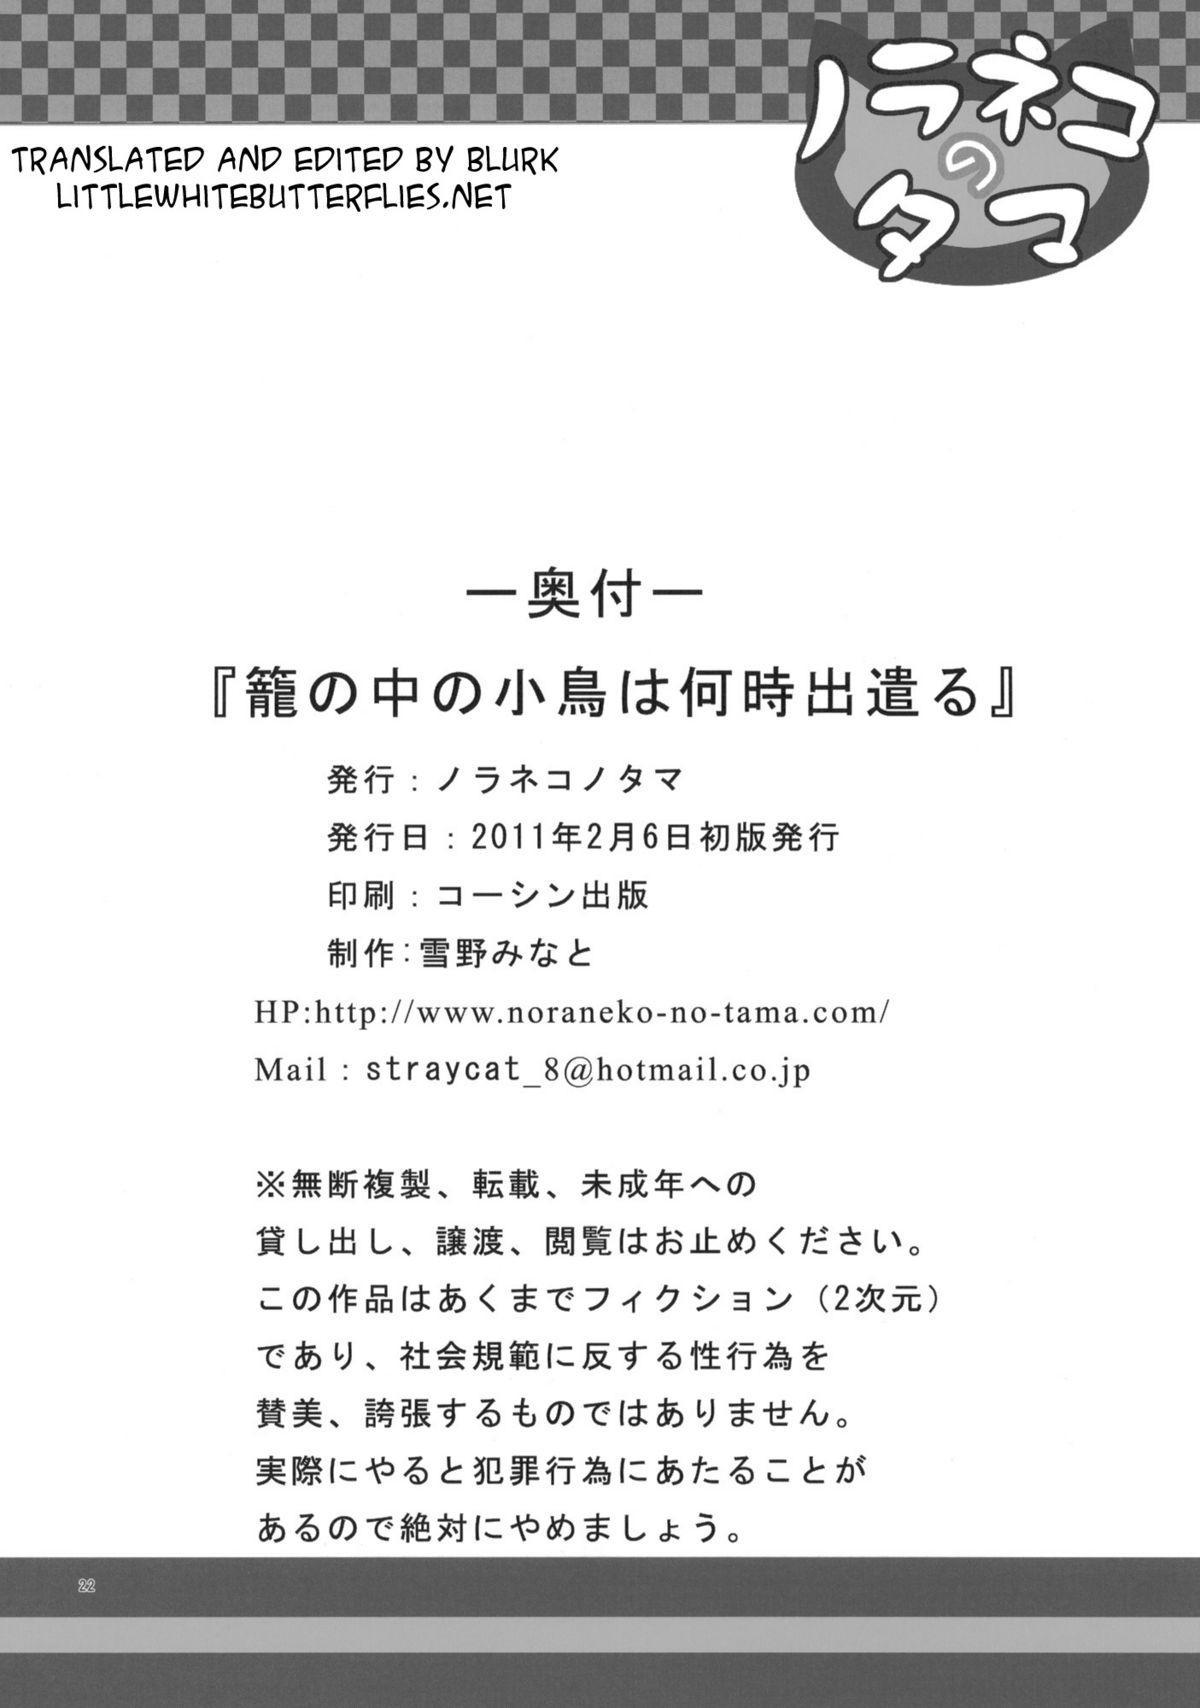 Kago no Naka no Kotori wa Itsu Deyaru | When Will The Caged Bird Be Released 20